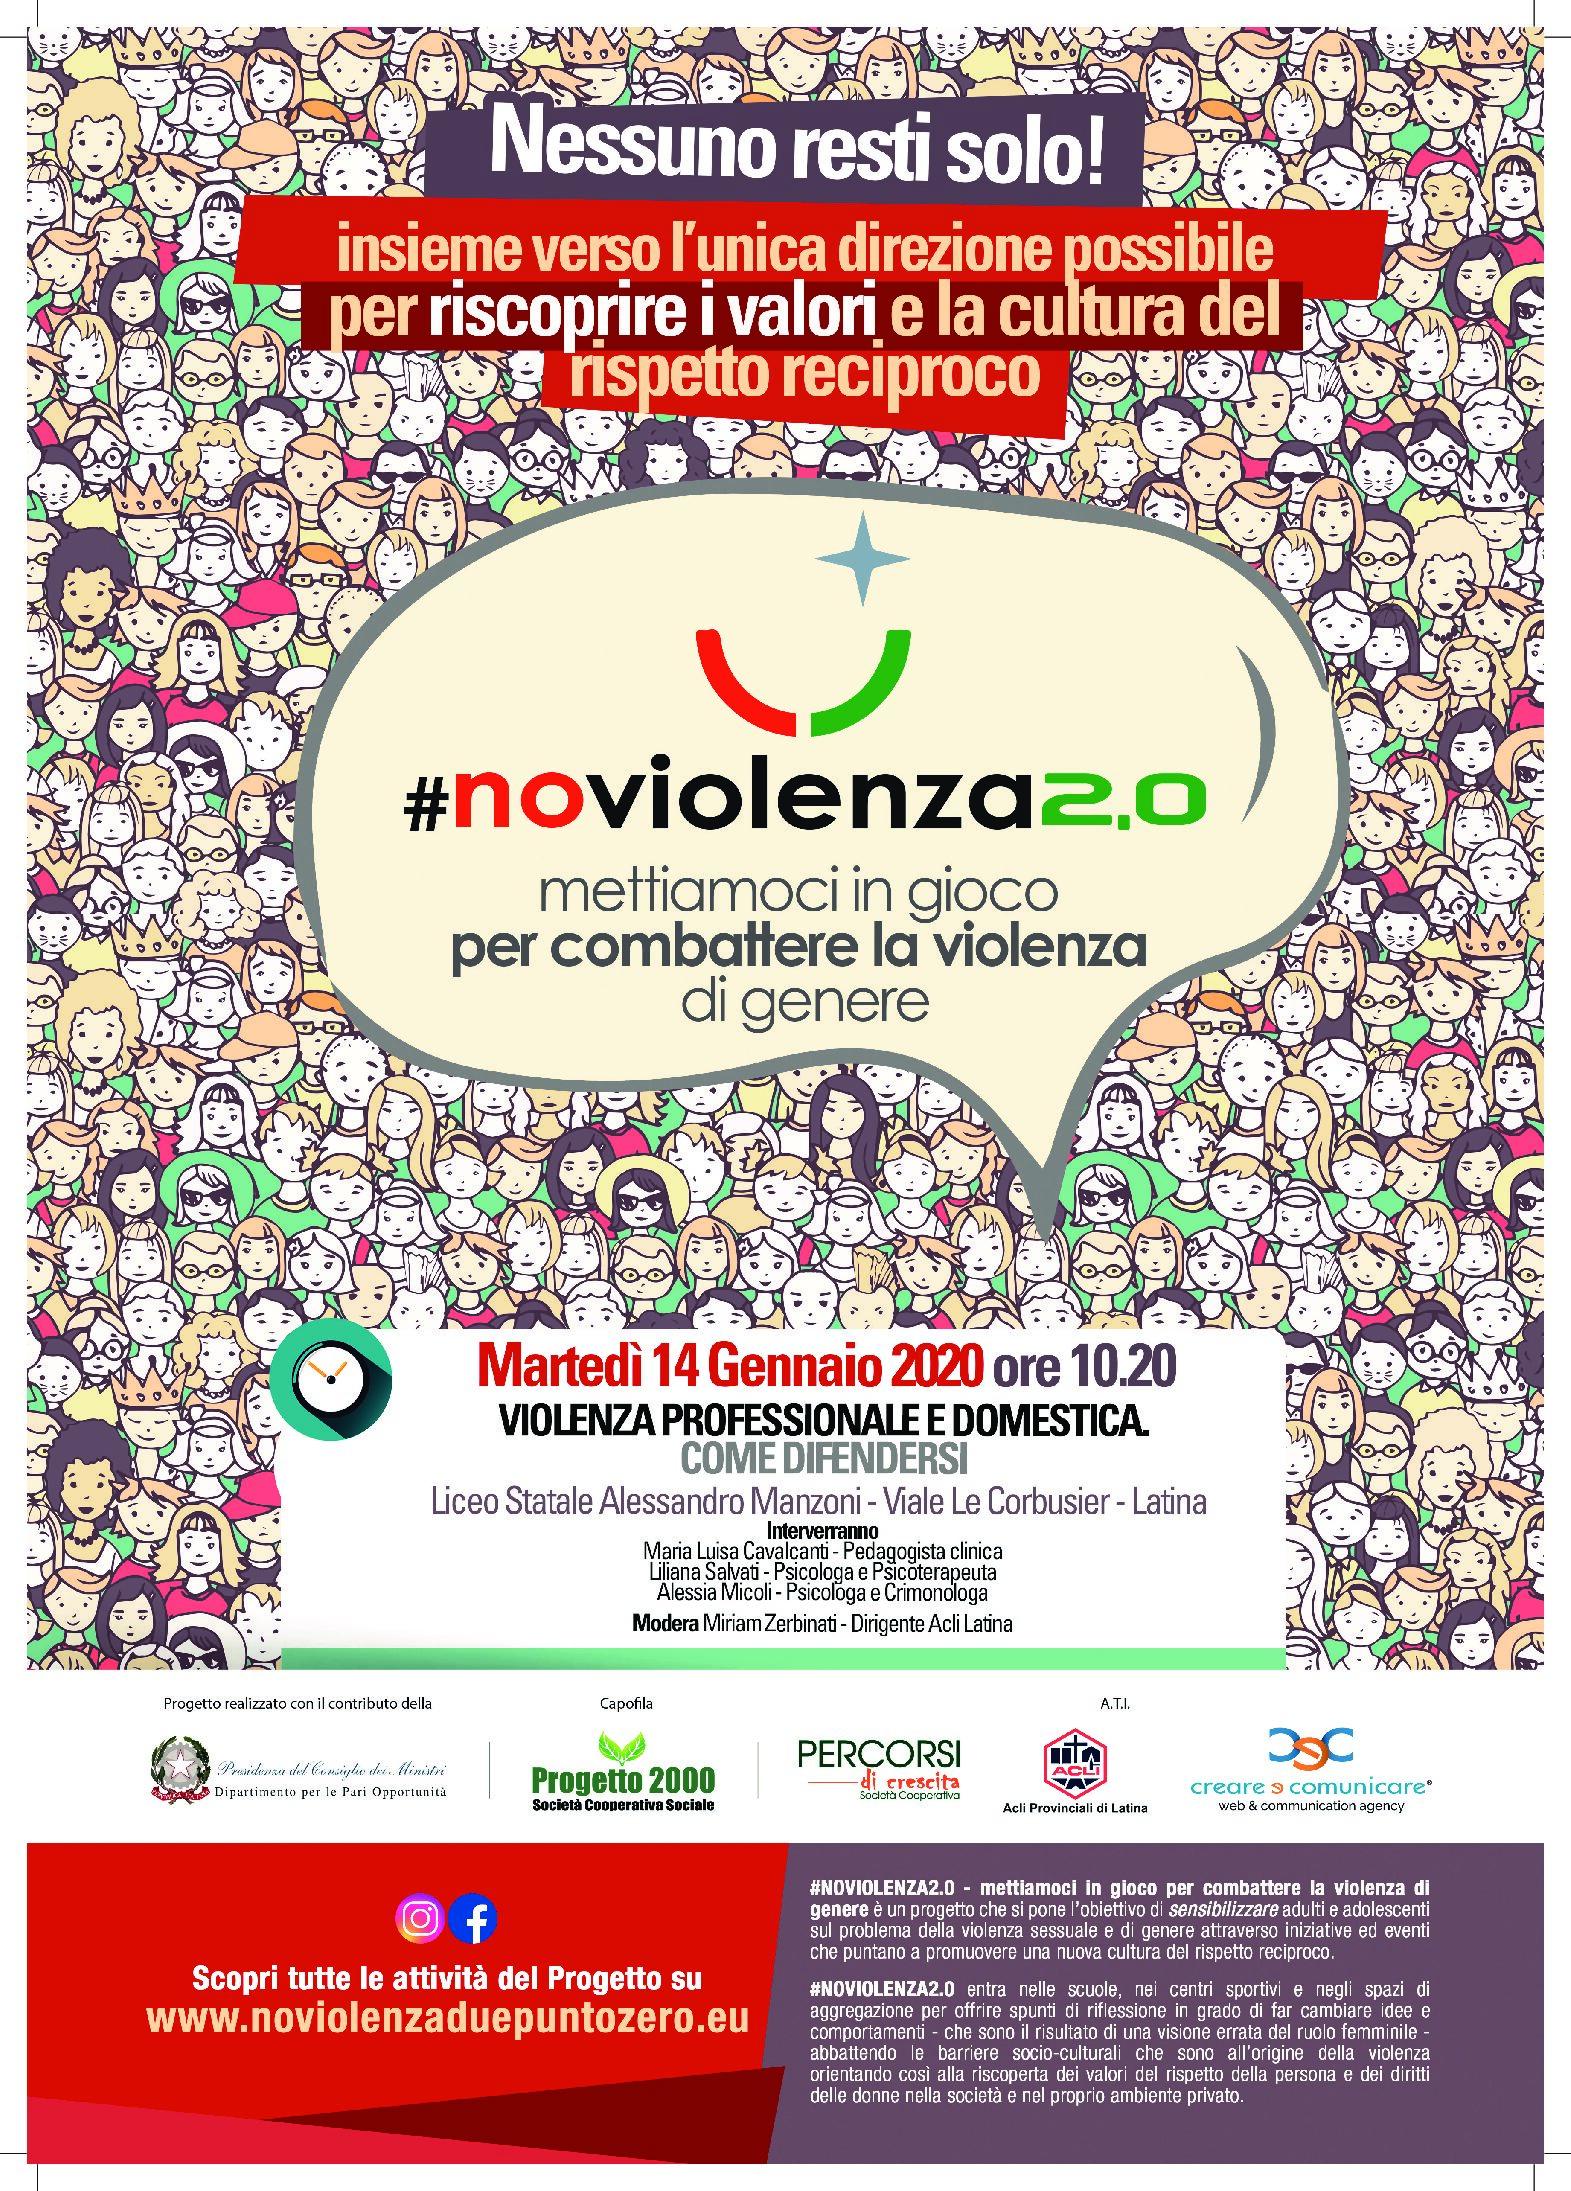 #NoViolenza2.0 – Violenza professionale e domestica : Come difendersi